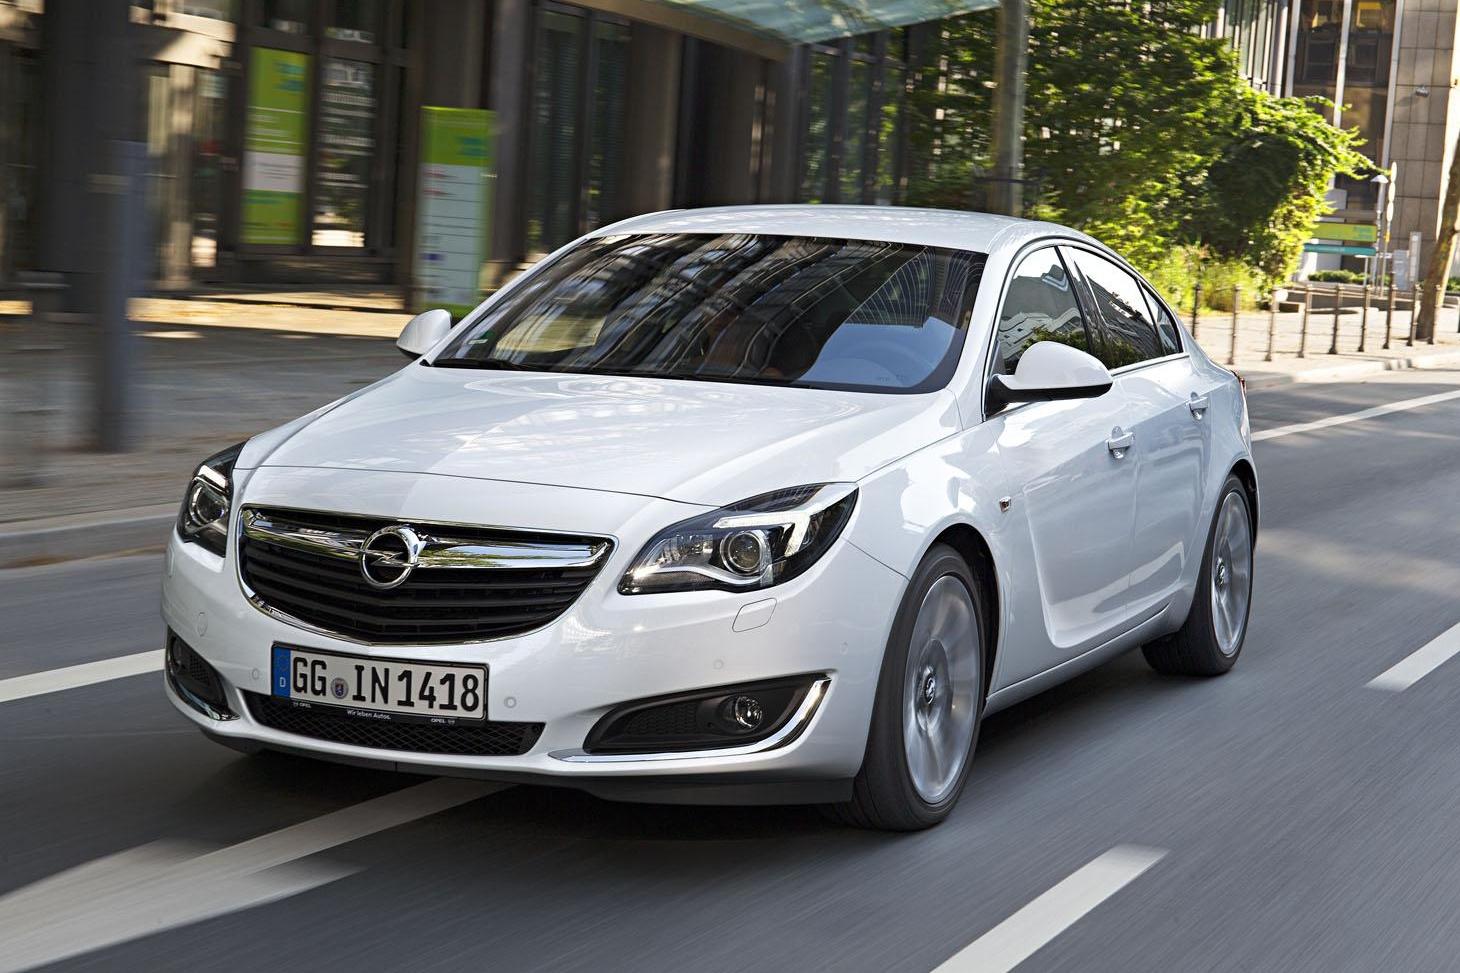 Opel Insignia 2 15г купить у официального дилера в